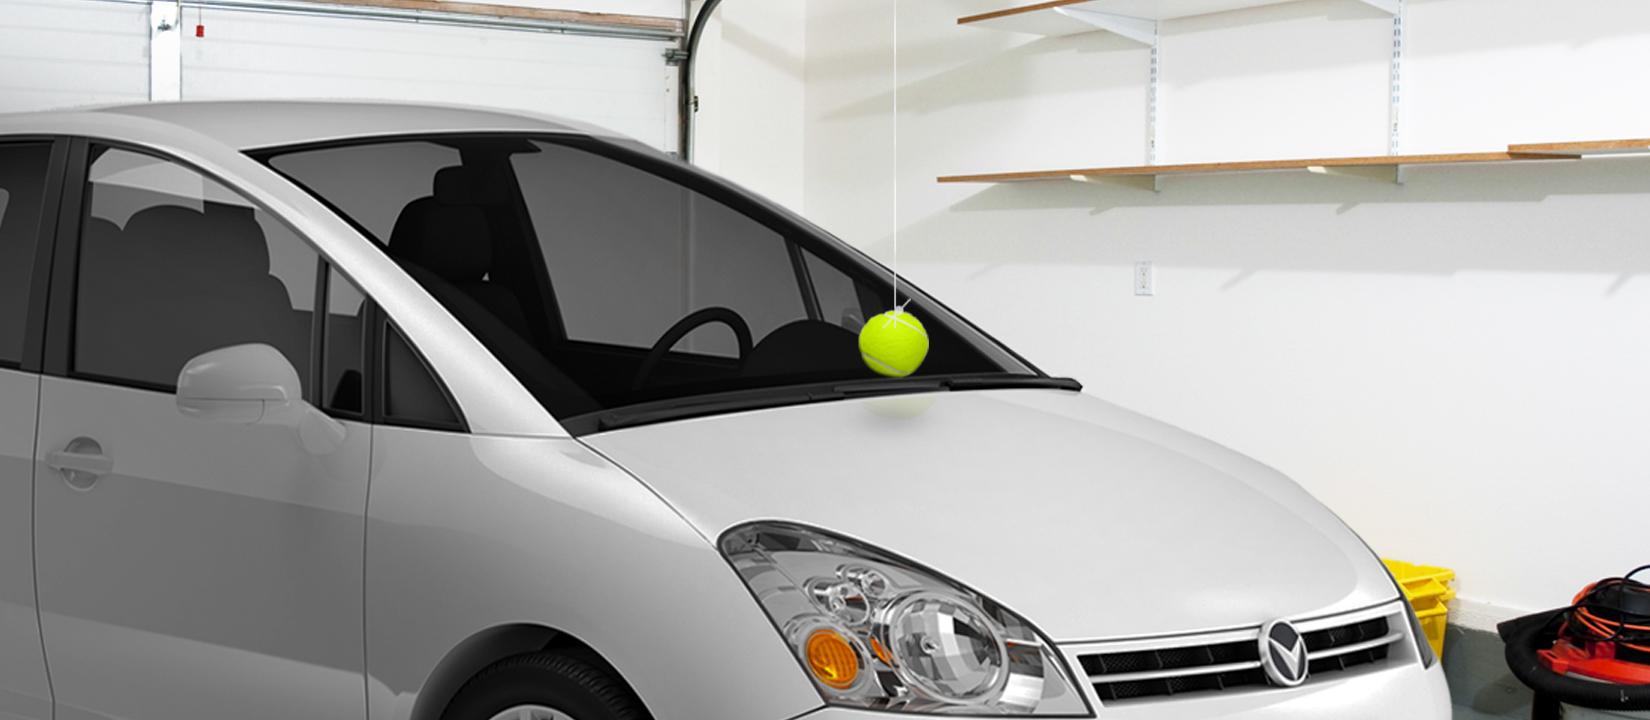 Handig met een tennisbal!